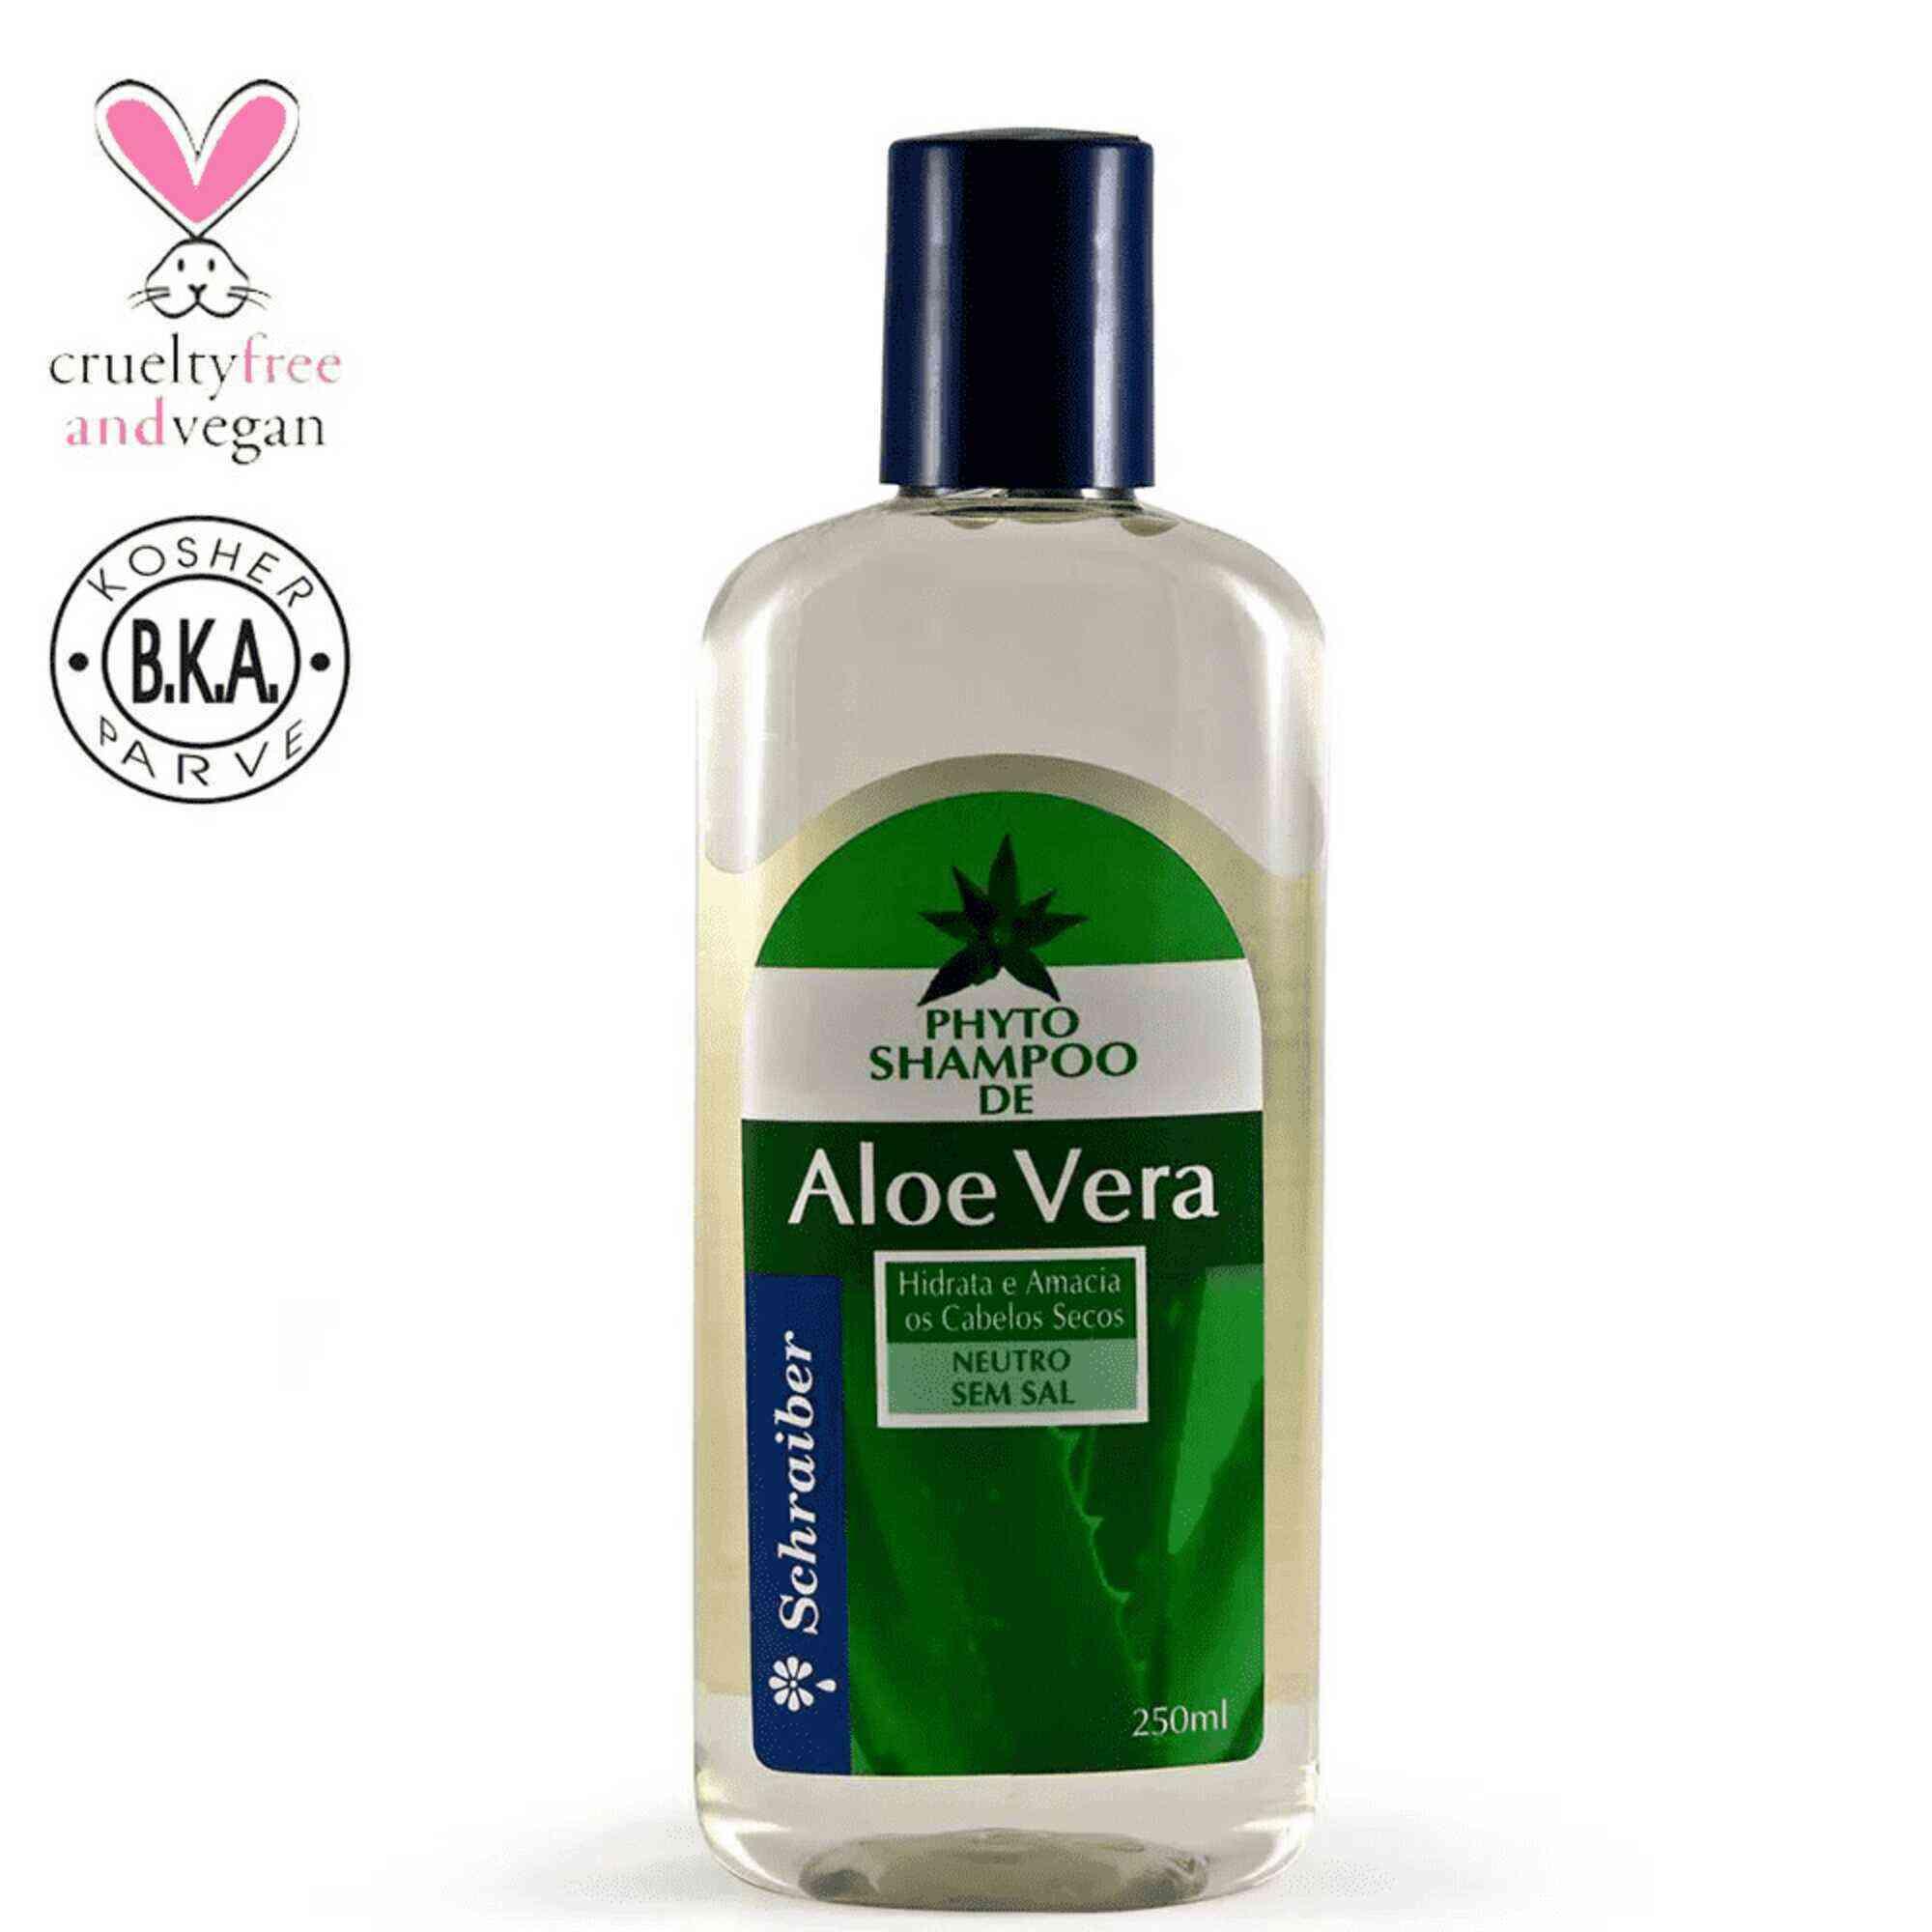 Shampoo Aloe Vera 250mL Schraiber